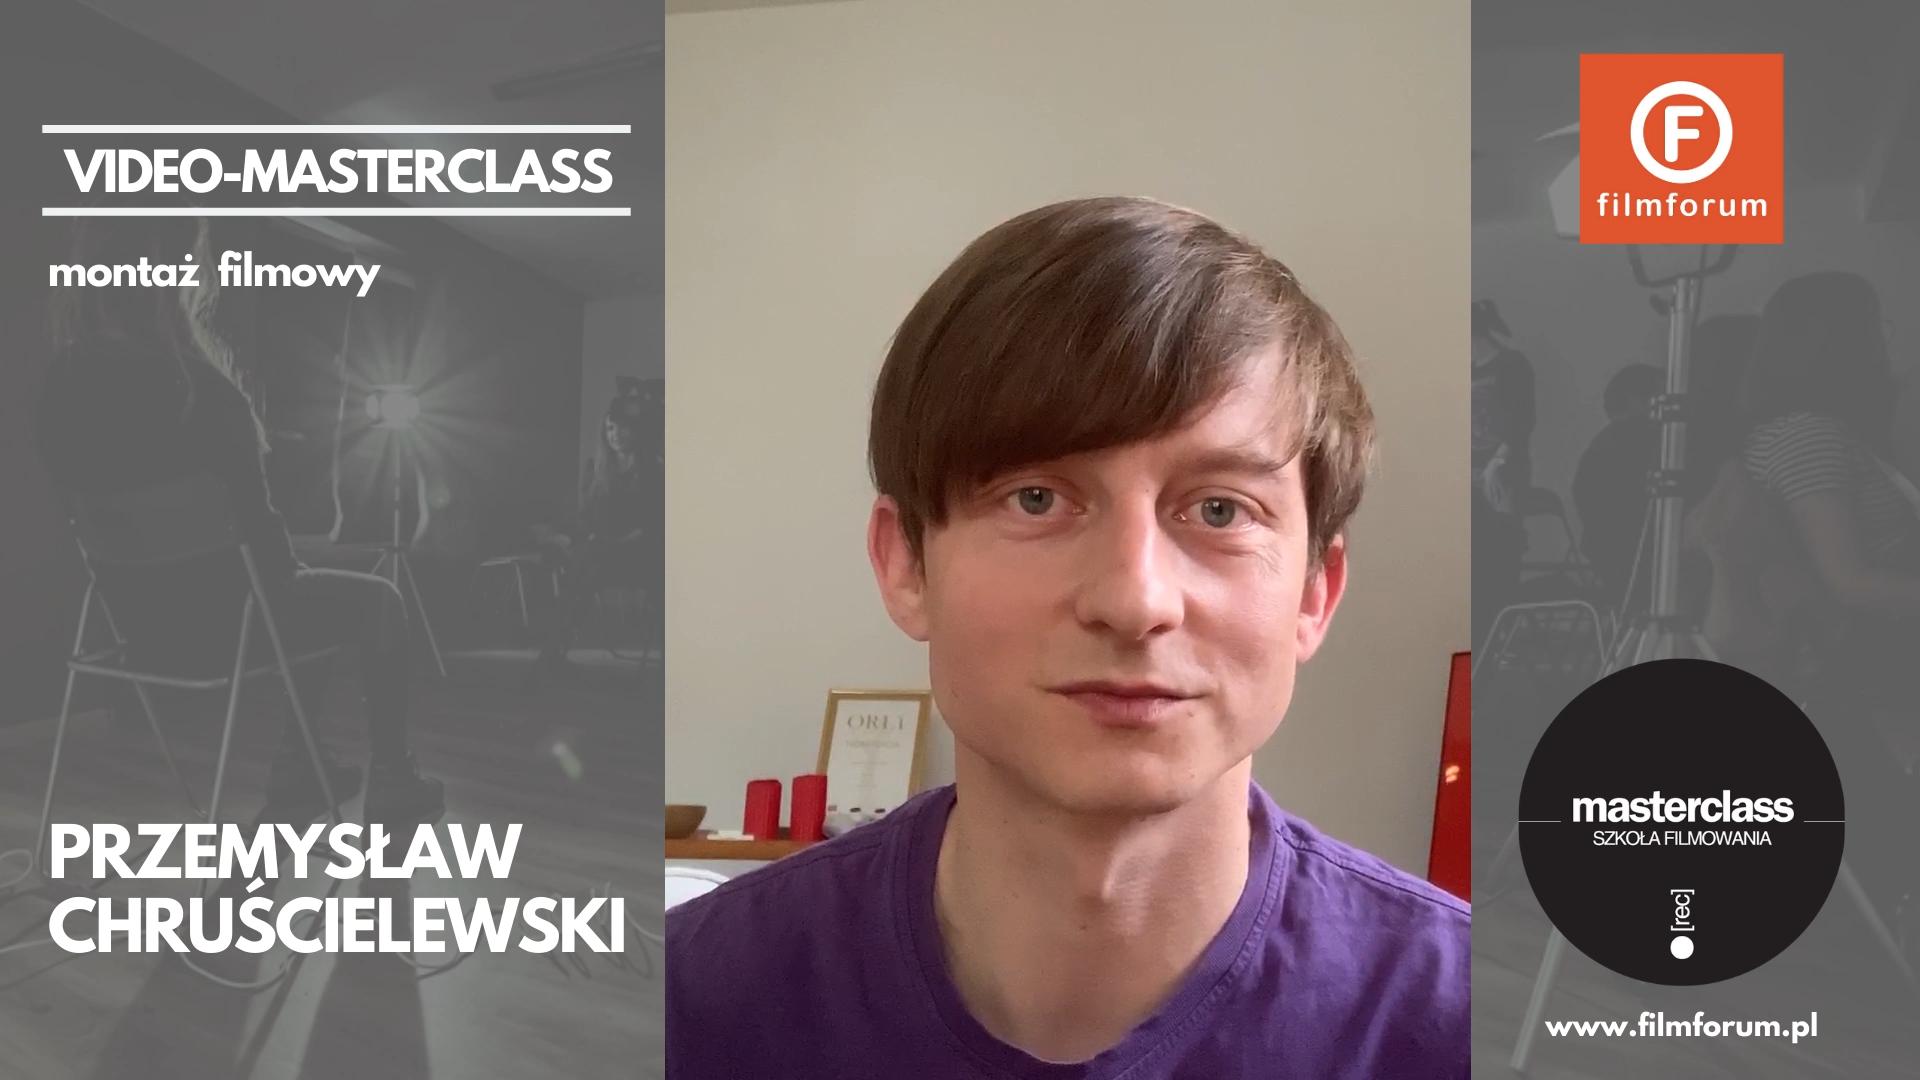 Przemysław Chruścielewski MASTERCLASS